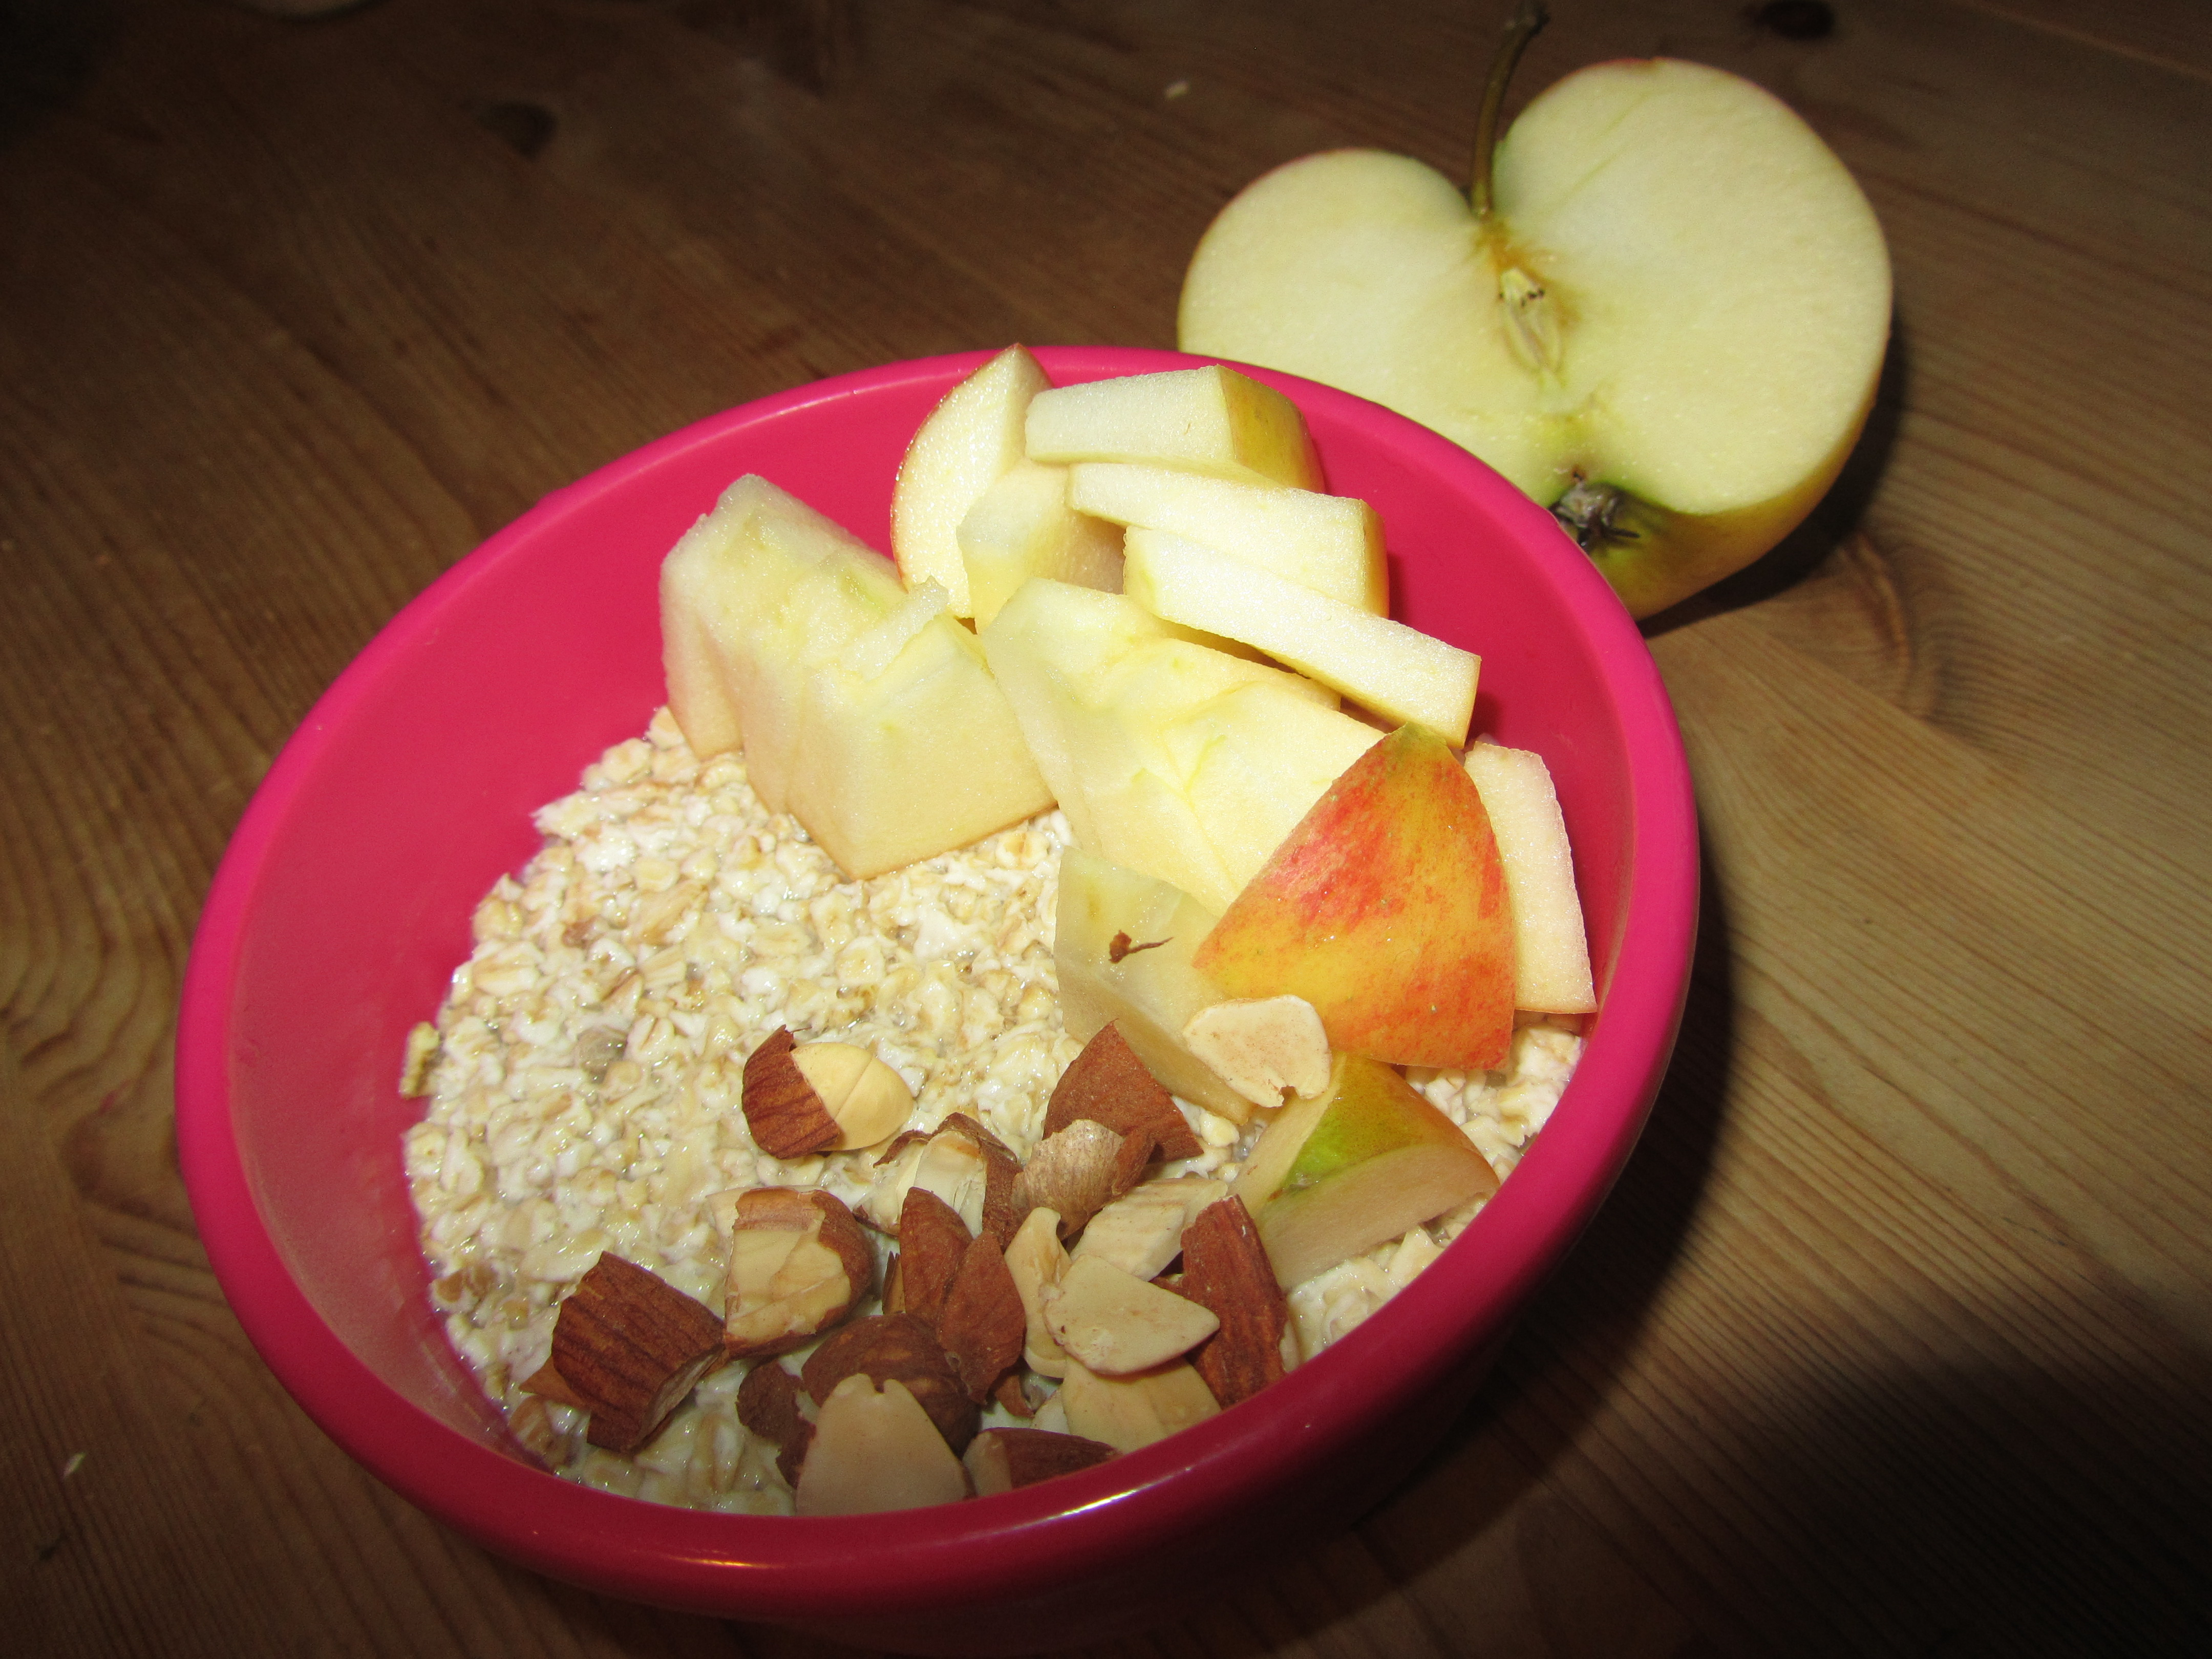 Fertiger Overnight Oat mit Apfel und Mandeln